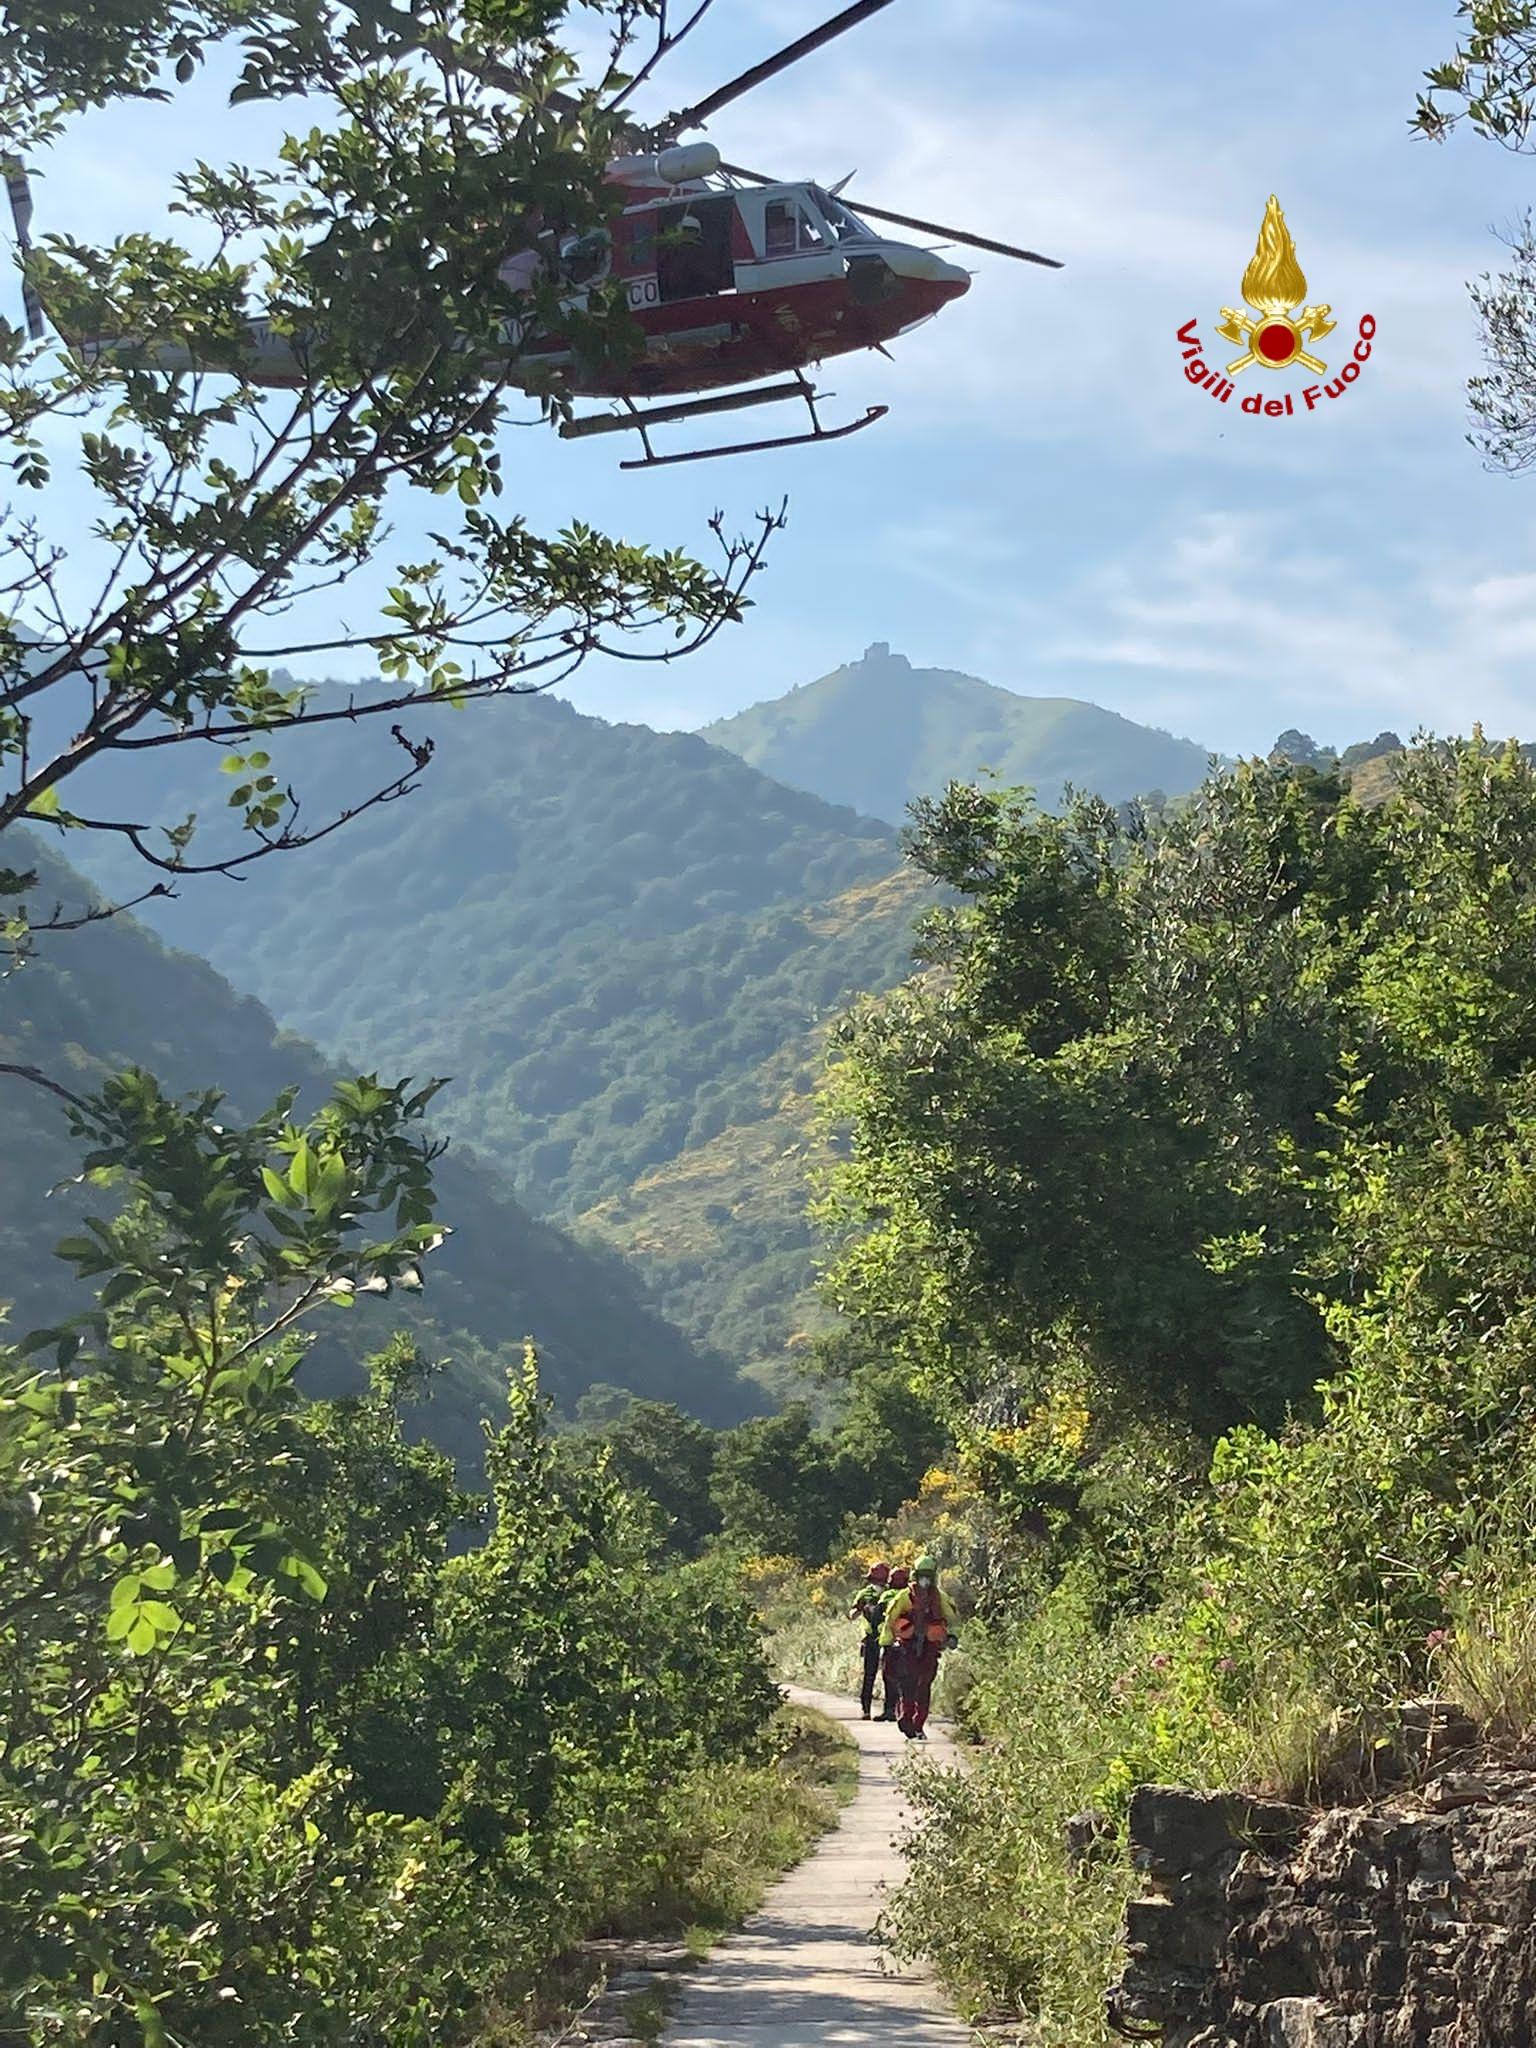 Ciclista cade nel bosco: soccorso con l'elicottero Drago